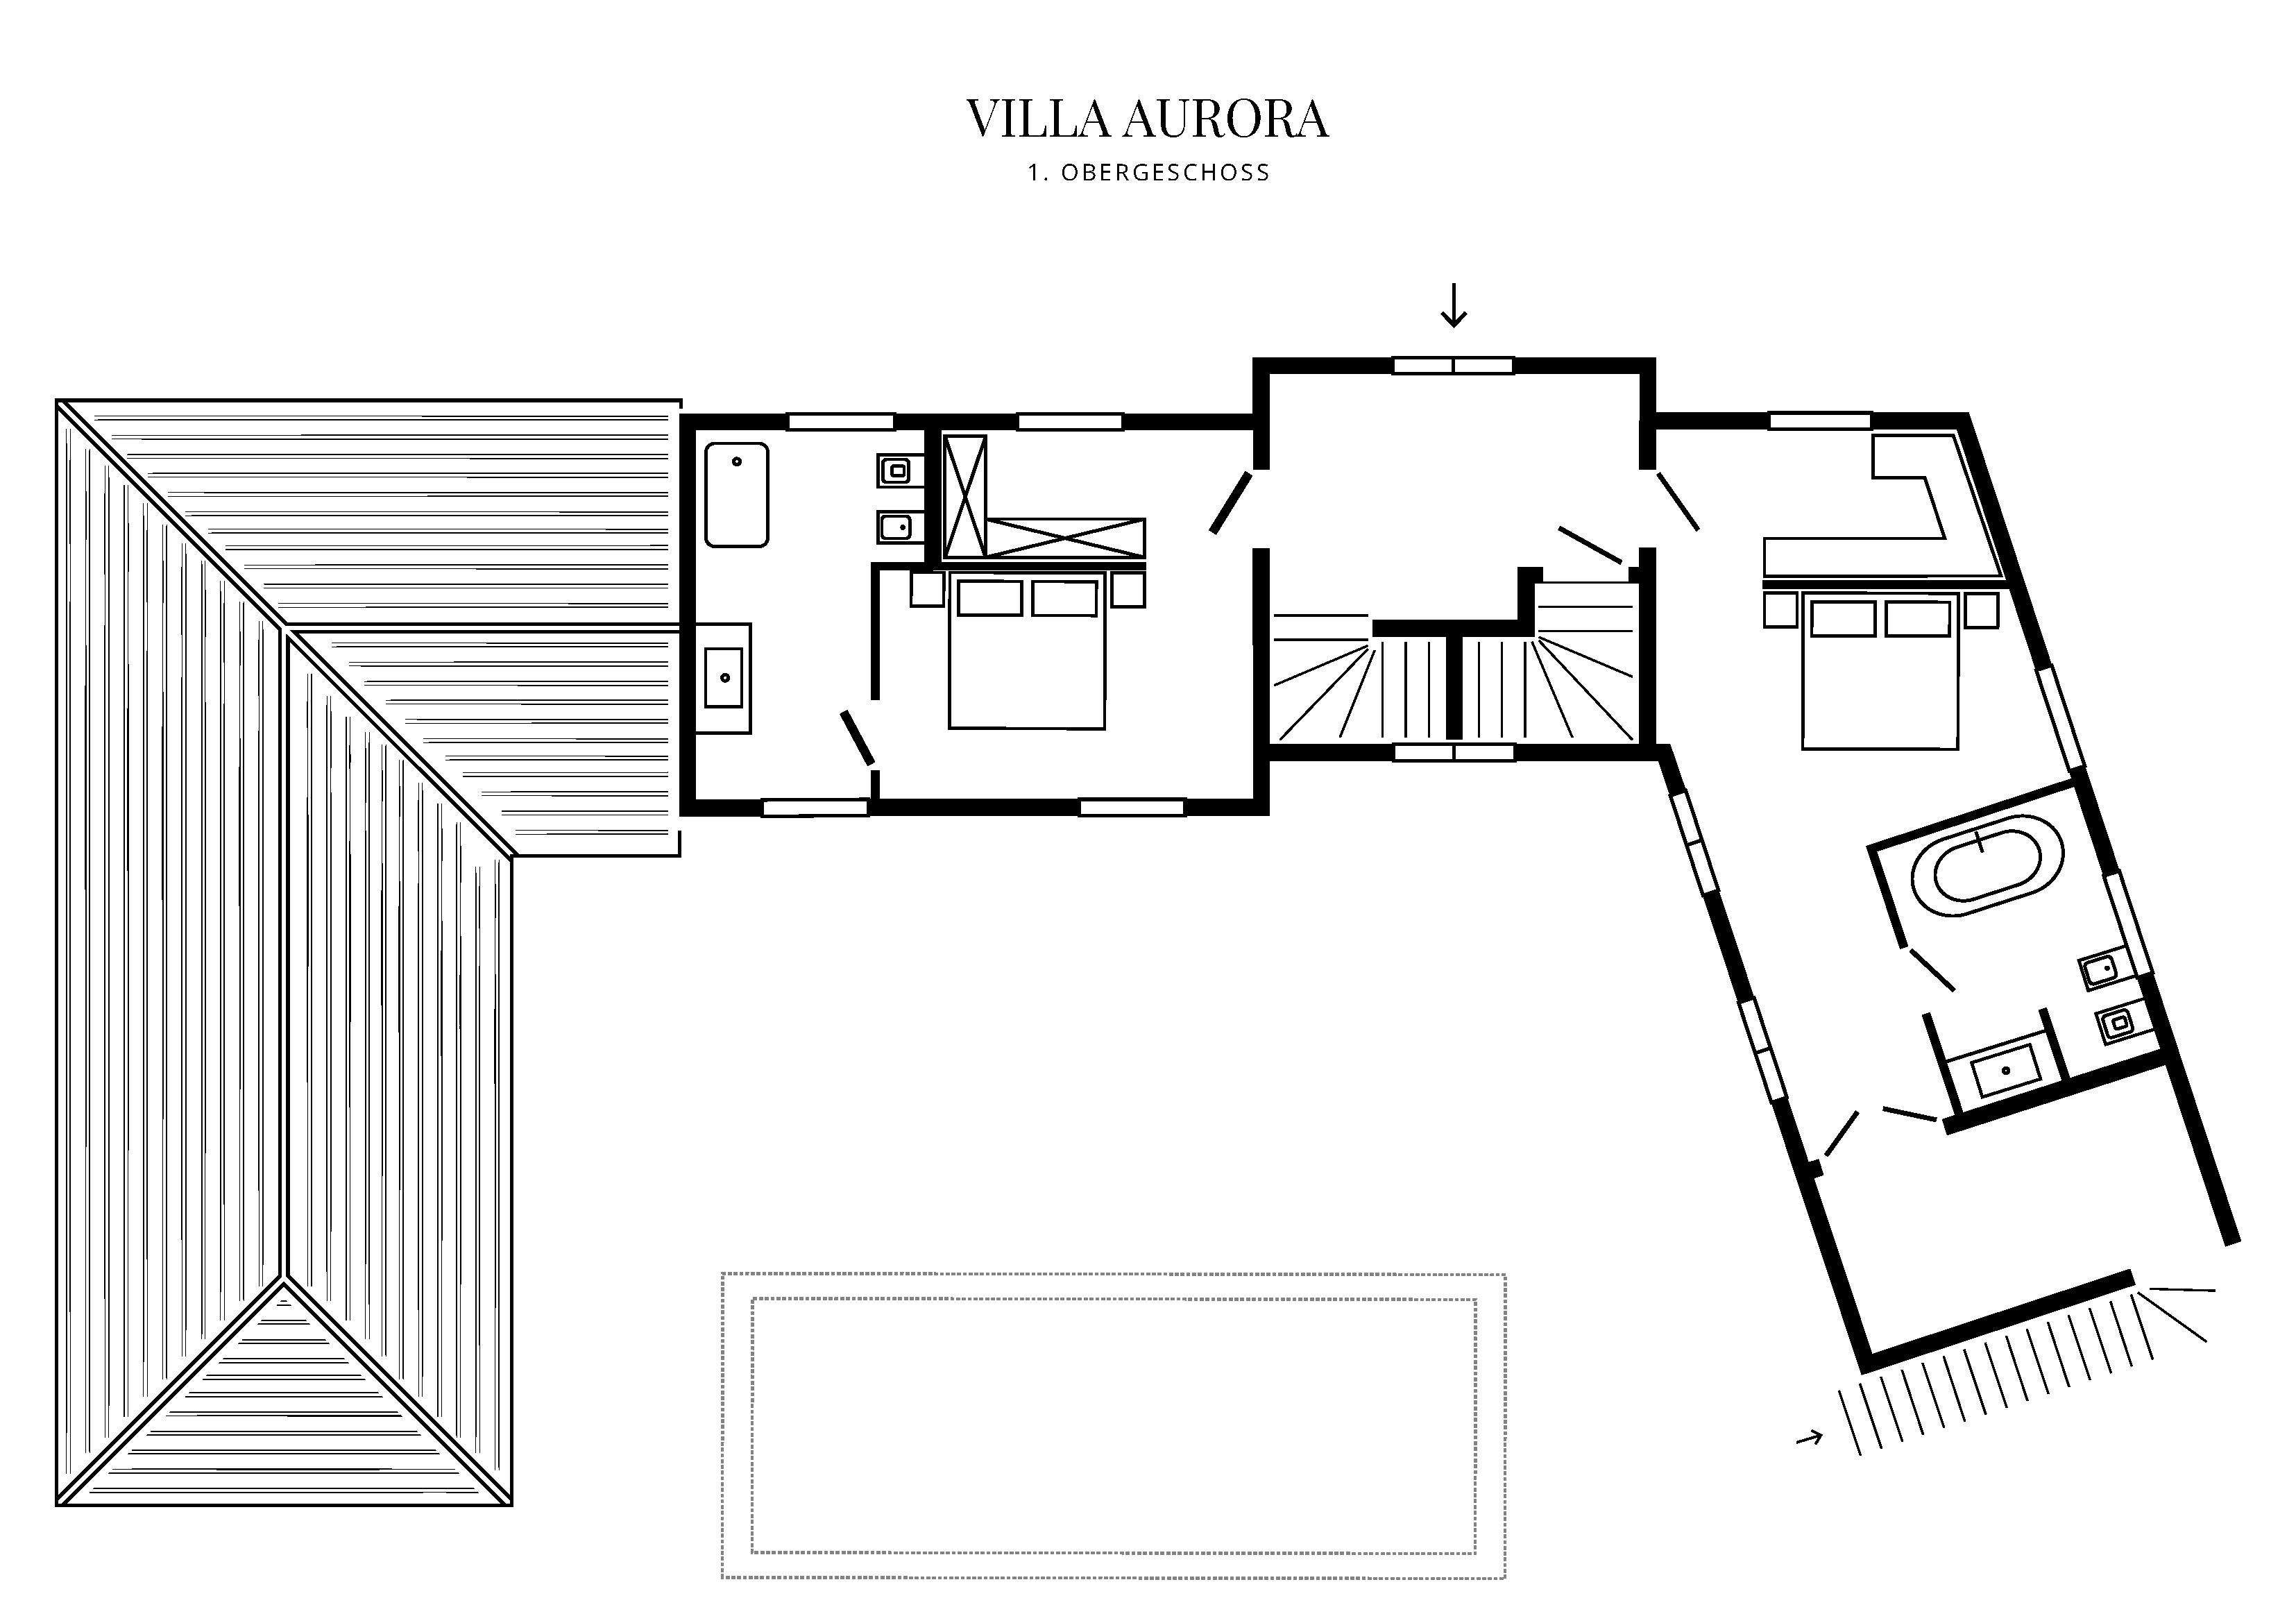 Grafik Grundriss Obergeschoss Villa Aurora